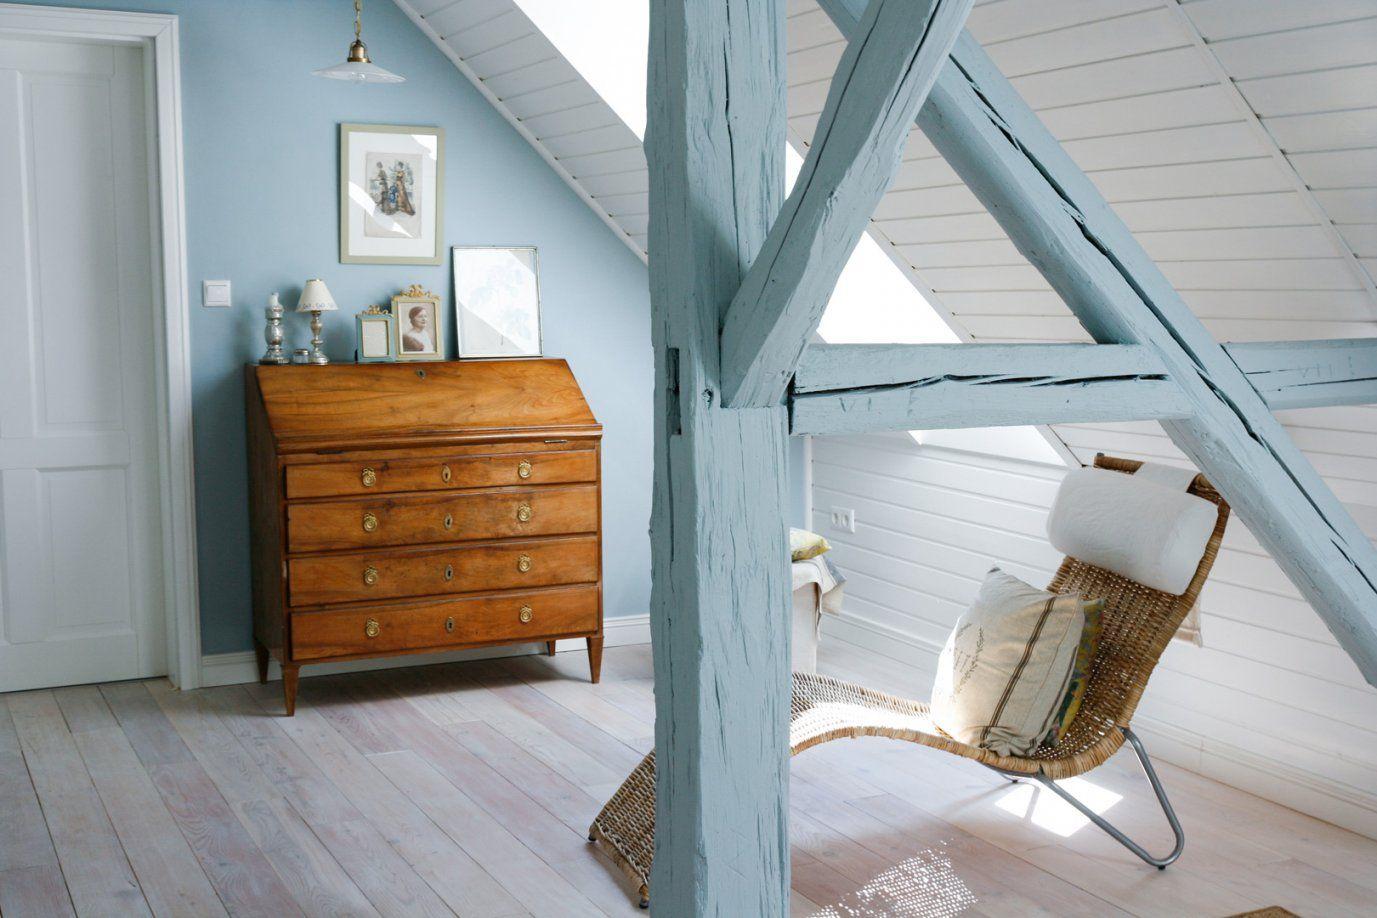 Lovely Design Grau Blau Wandfarbe Mischen Grün Kaufen Schlafzimmer von Wandfarbe Blau Grau Mischen Bild